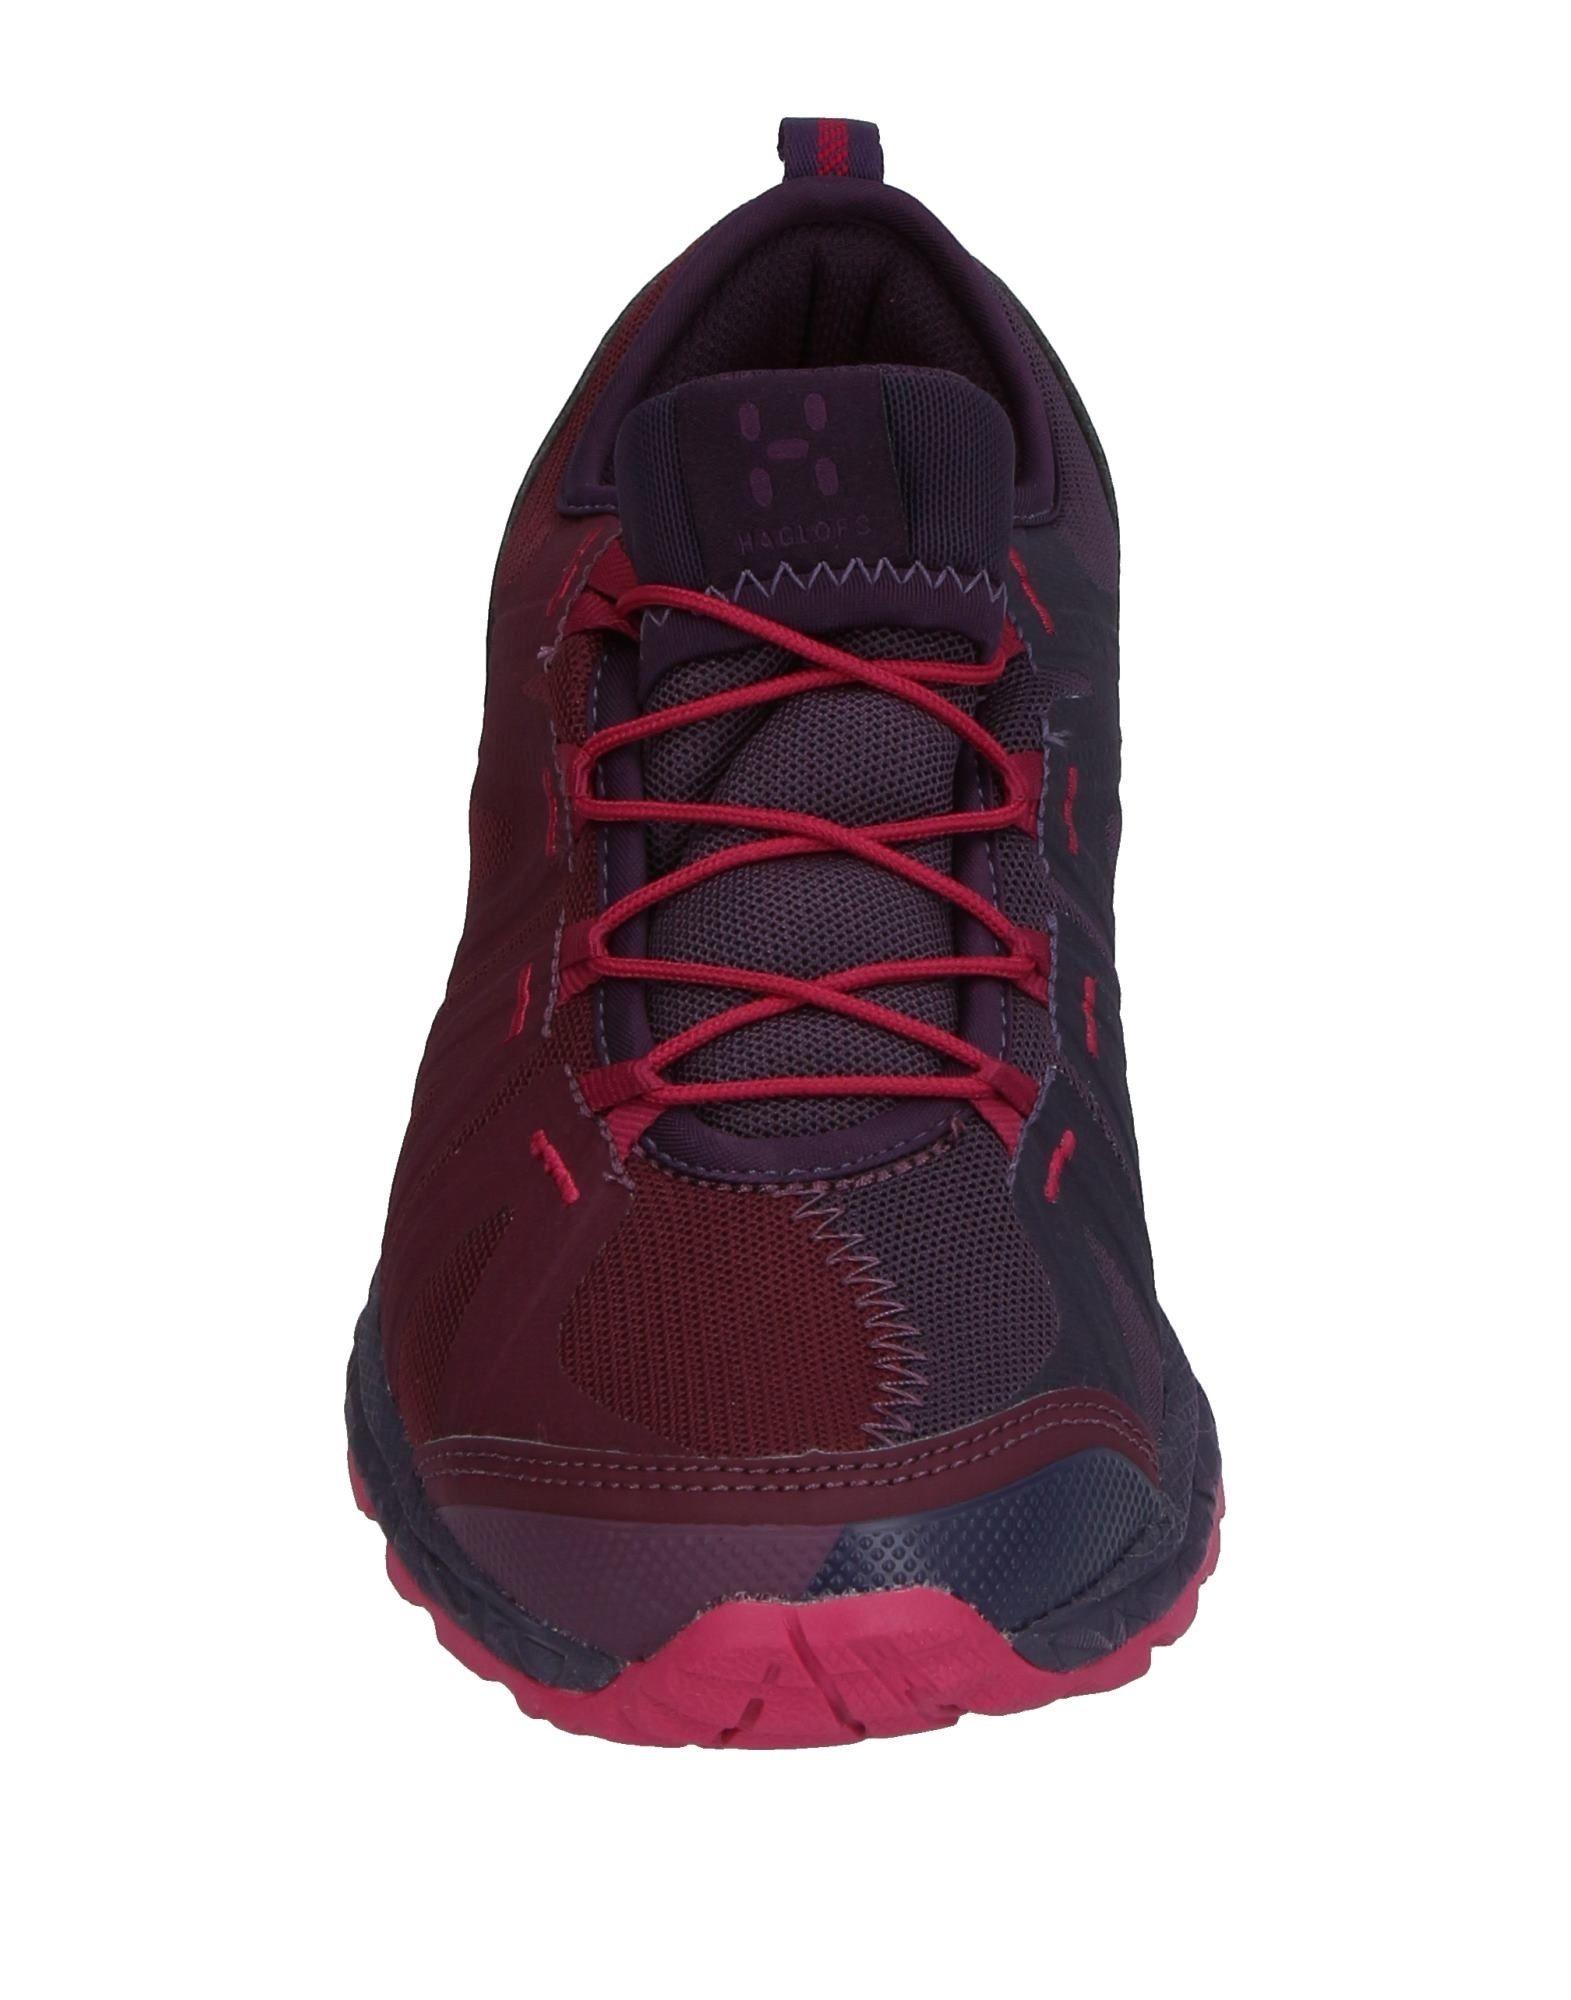 Haglöfs Sneakers Sneakers Haglöfs Damen  11378097FD Gute Qualität beliebte Schuhe 7be52c